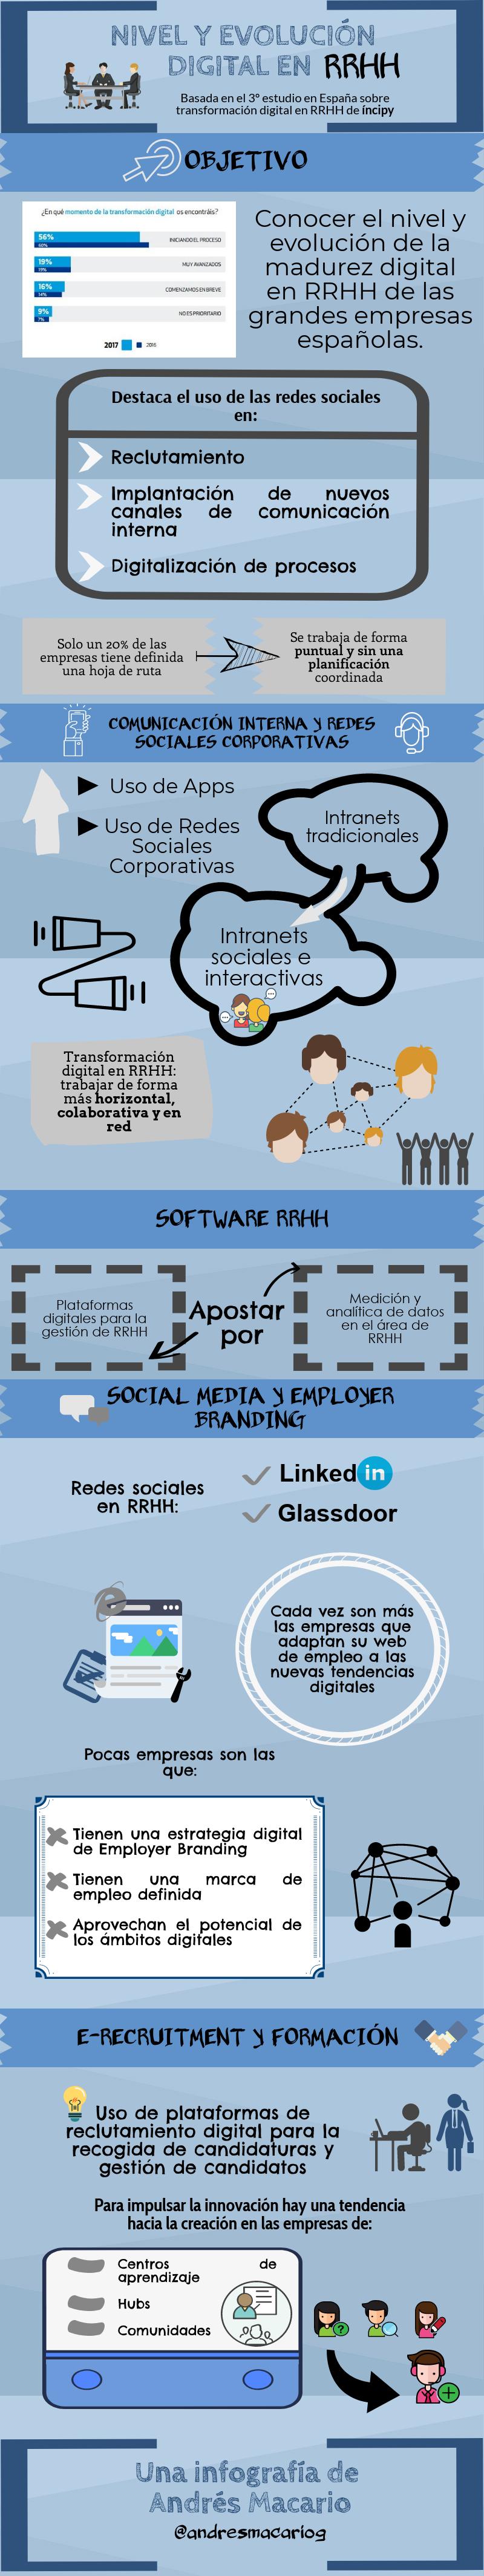 Evolución digital de los recursos humanos - infografía Andrés Macario